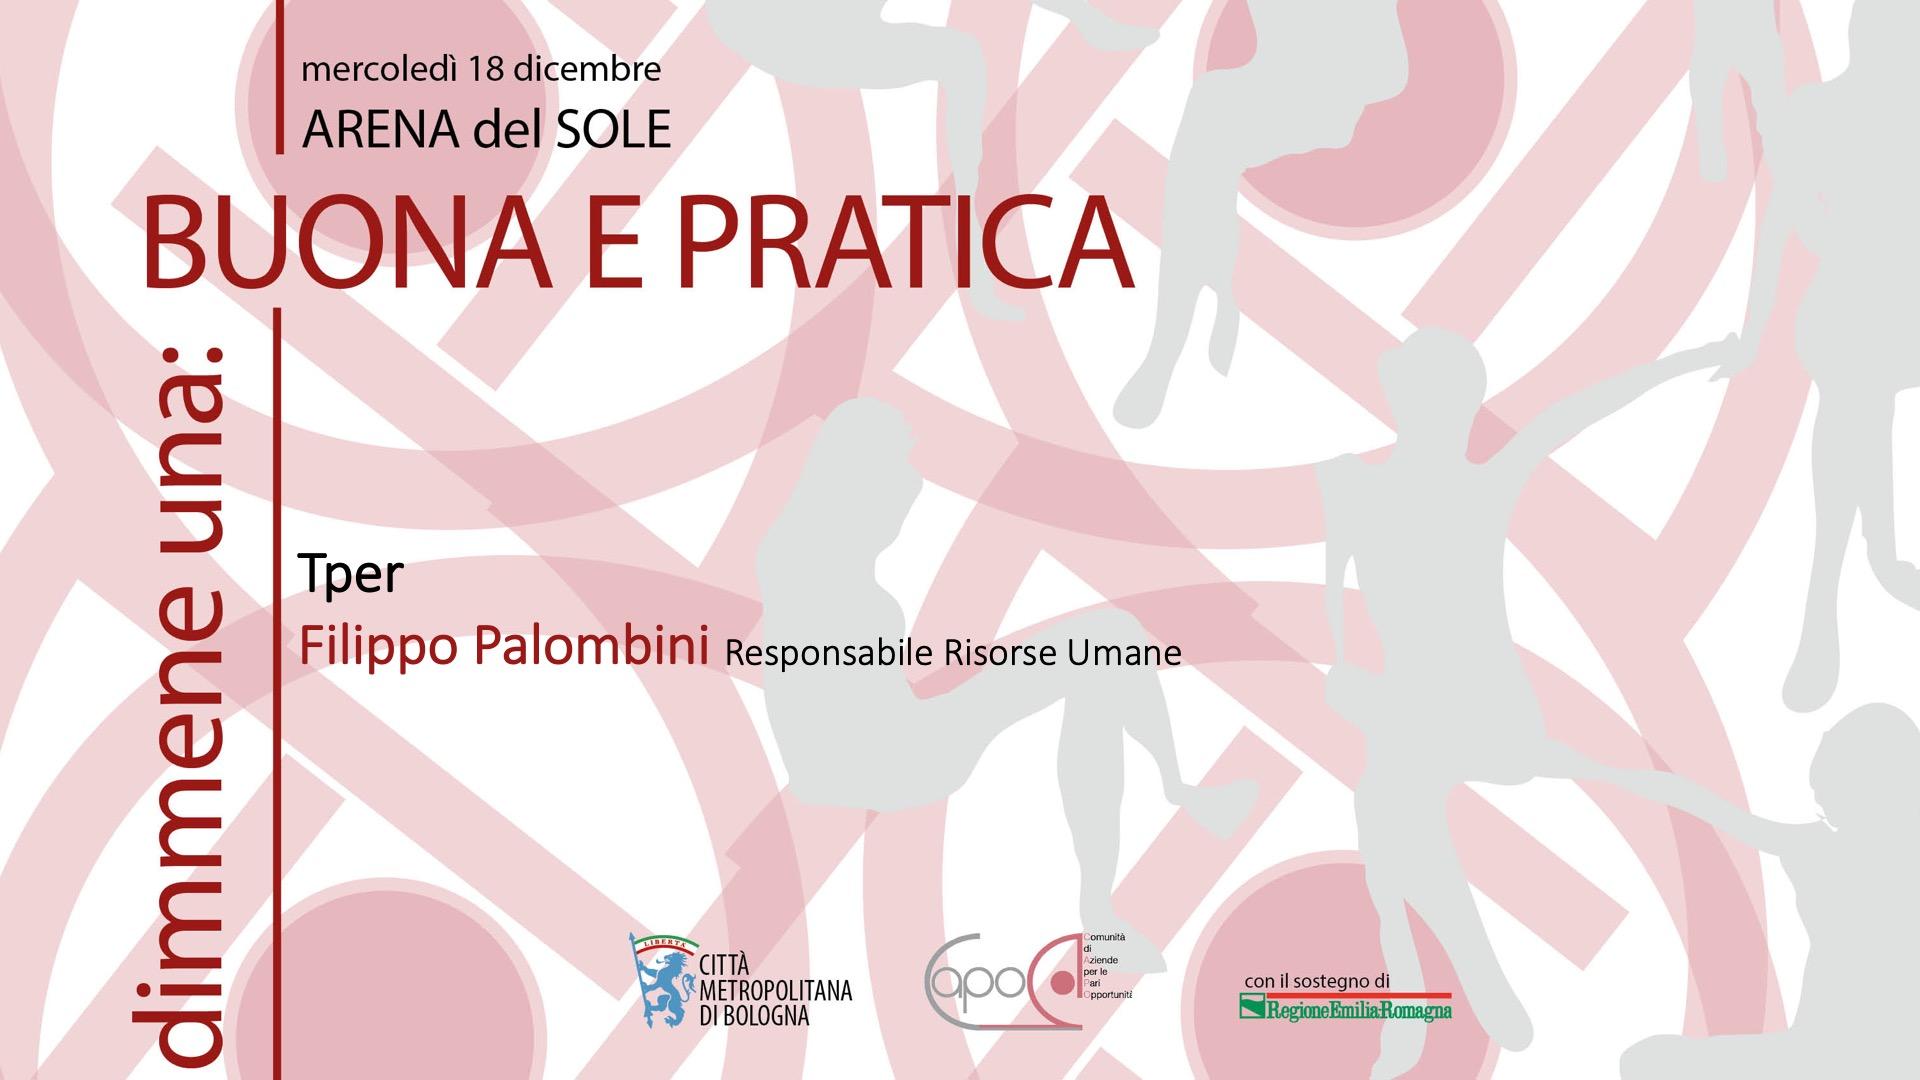 Filippo Palombini - TPER